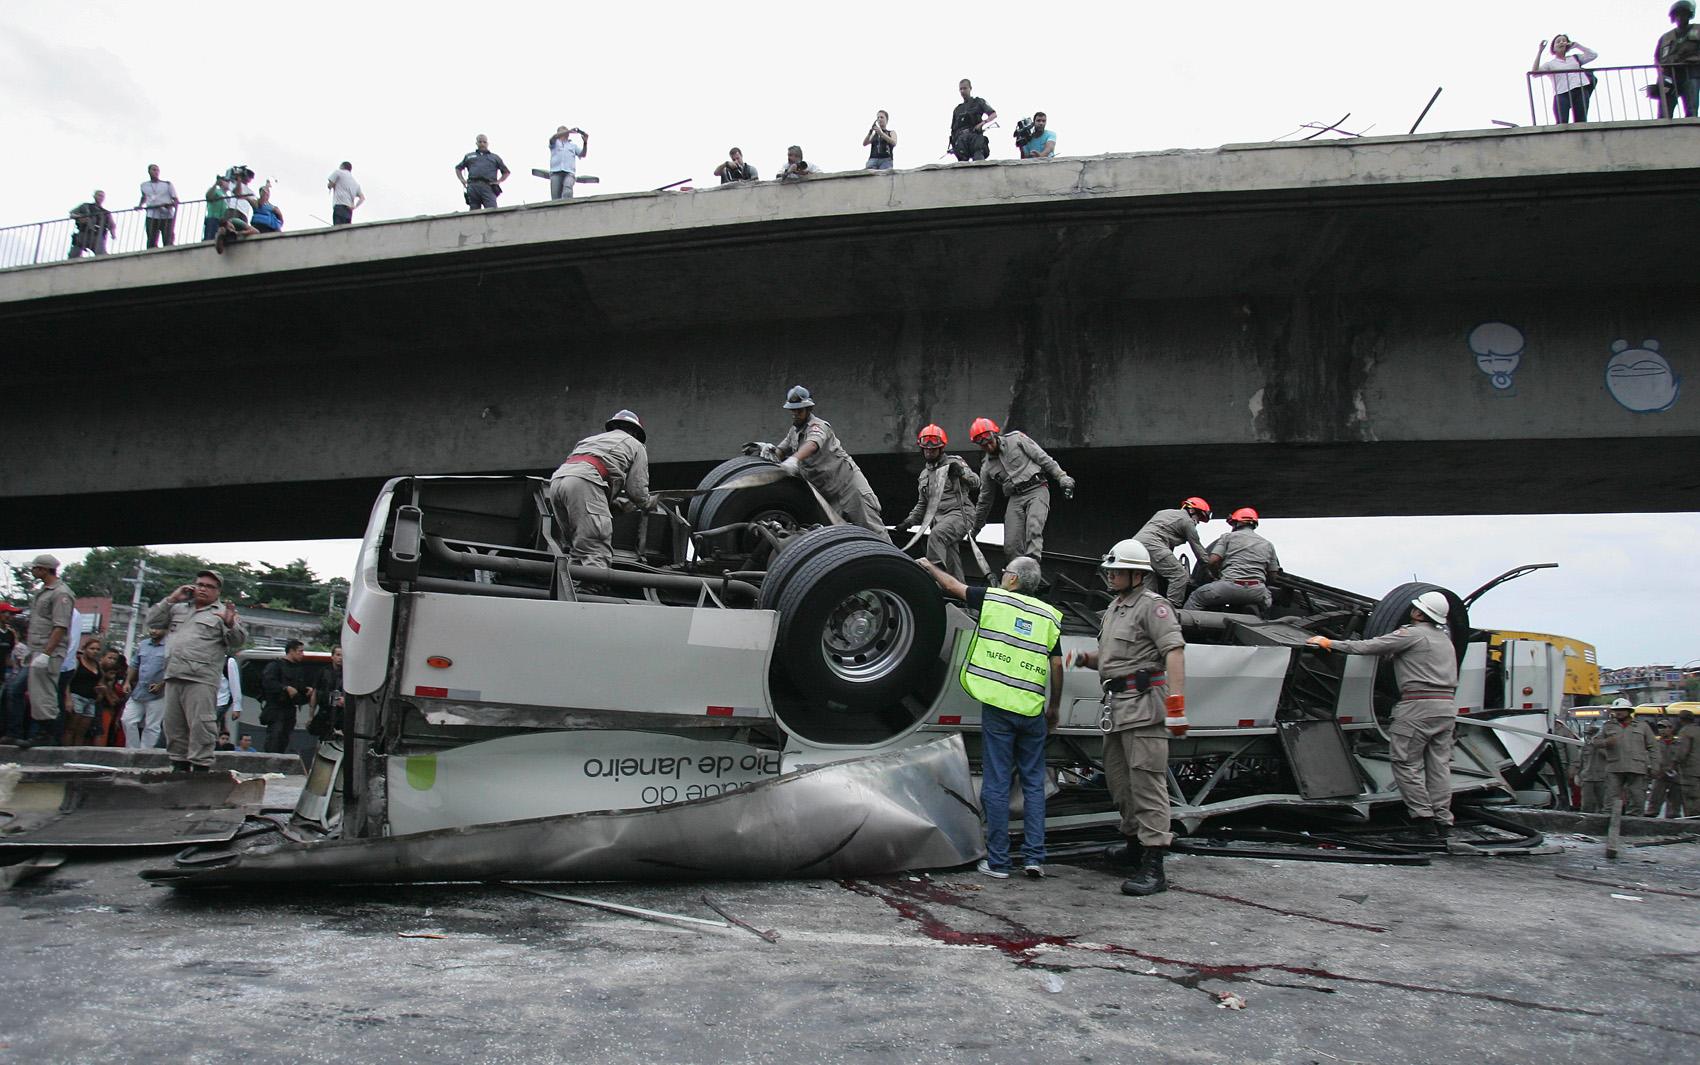 Resgata trabalha no ônibus que caiu do viaduto nesta terça (02) no Rio de Janeiro.